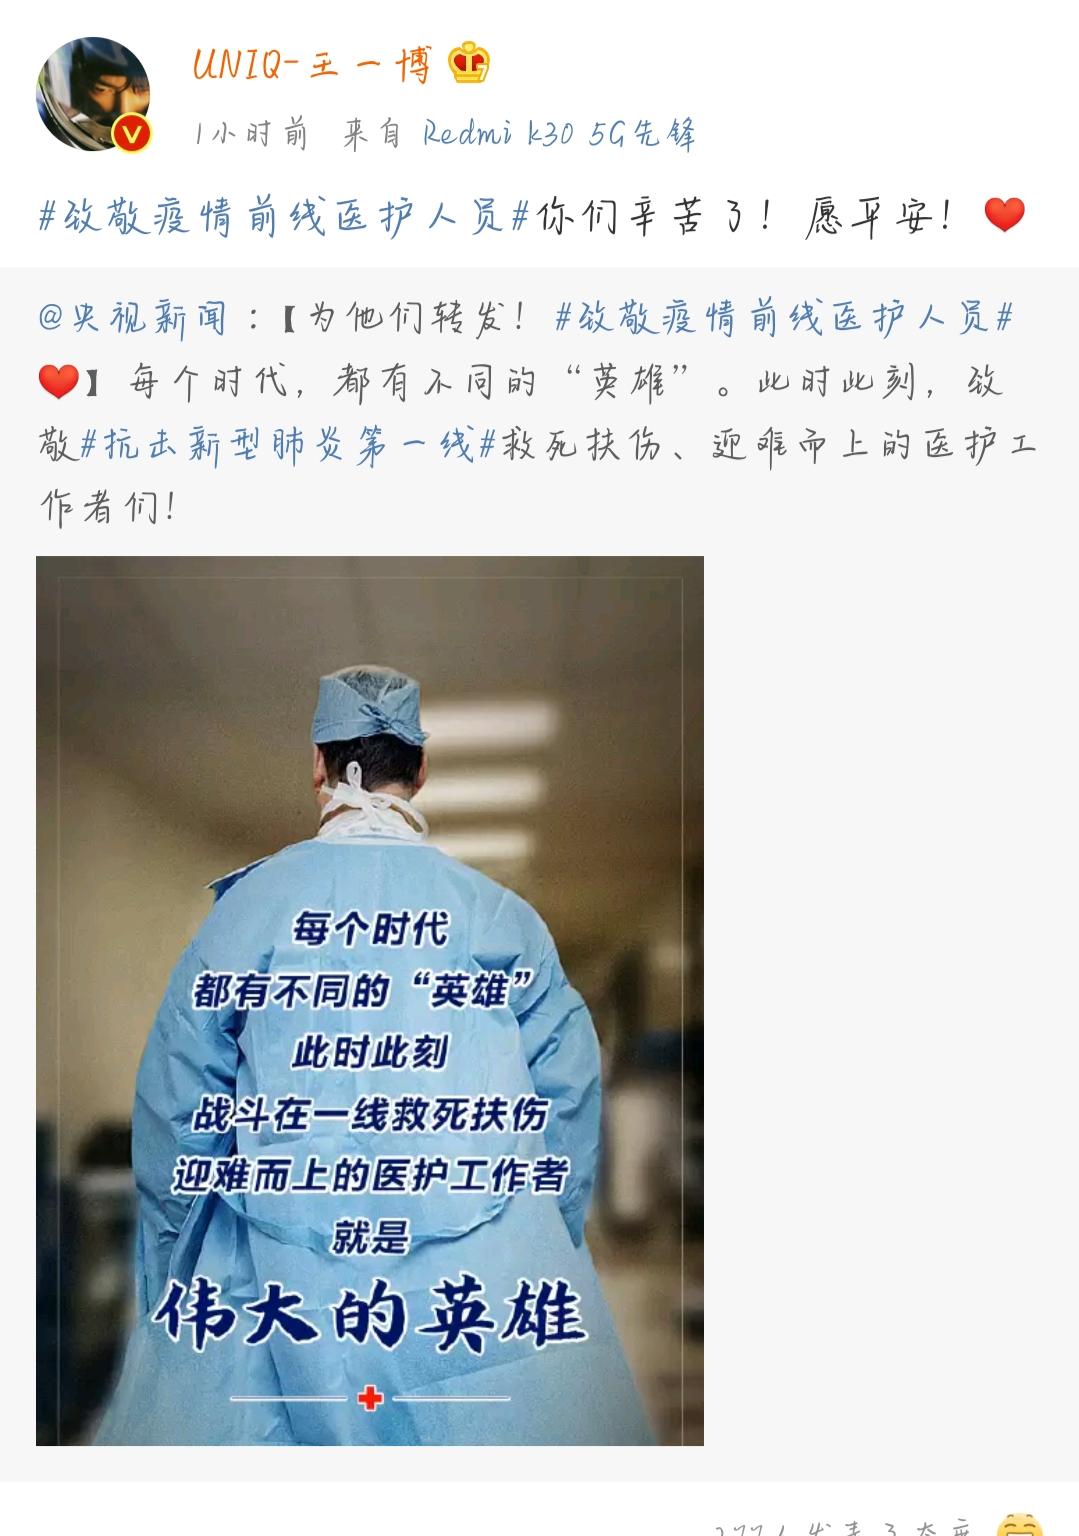 """[新闻]200122 王一博转发""""央视新闻""""微博致敬前线医护人员 愿大家都能平平安安"""